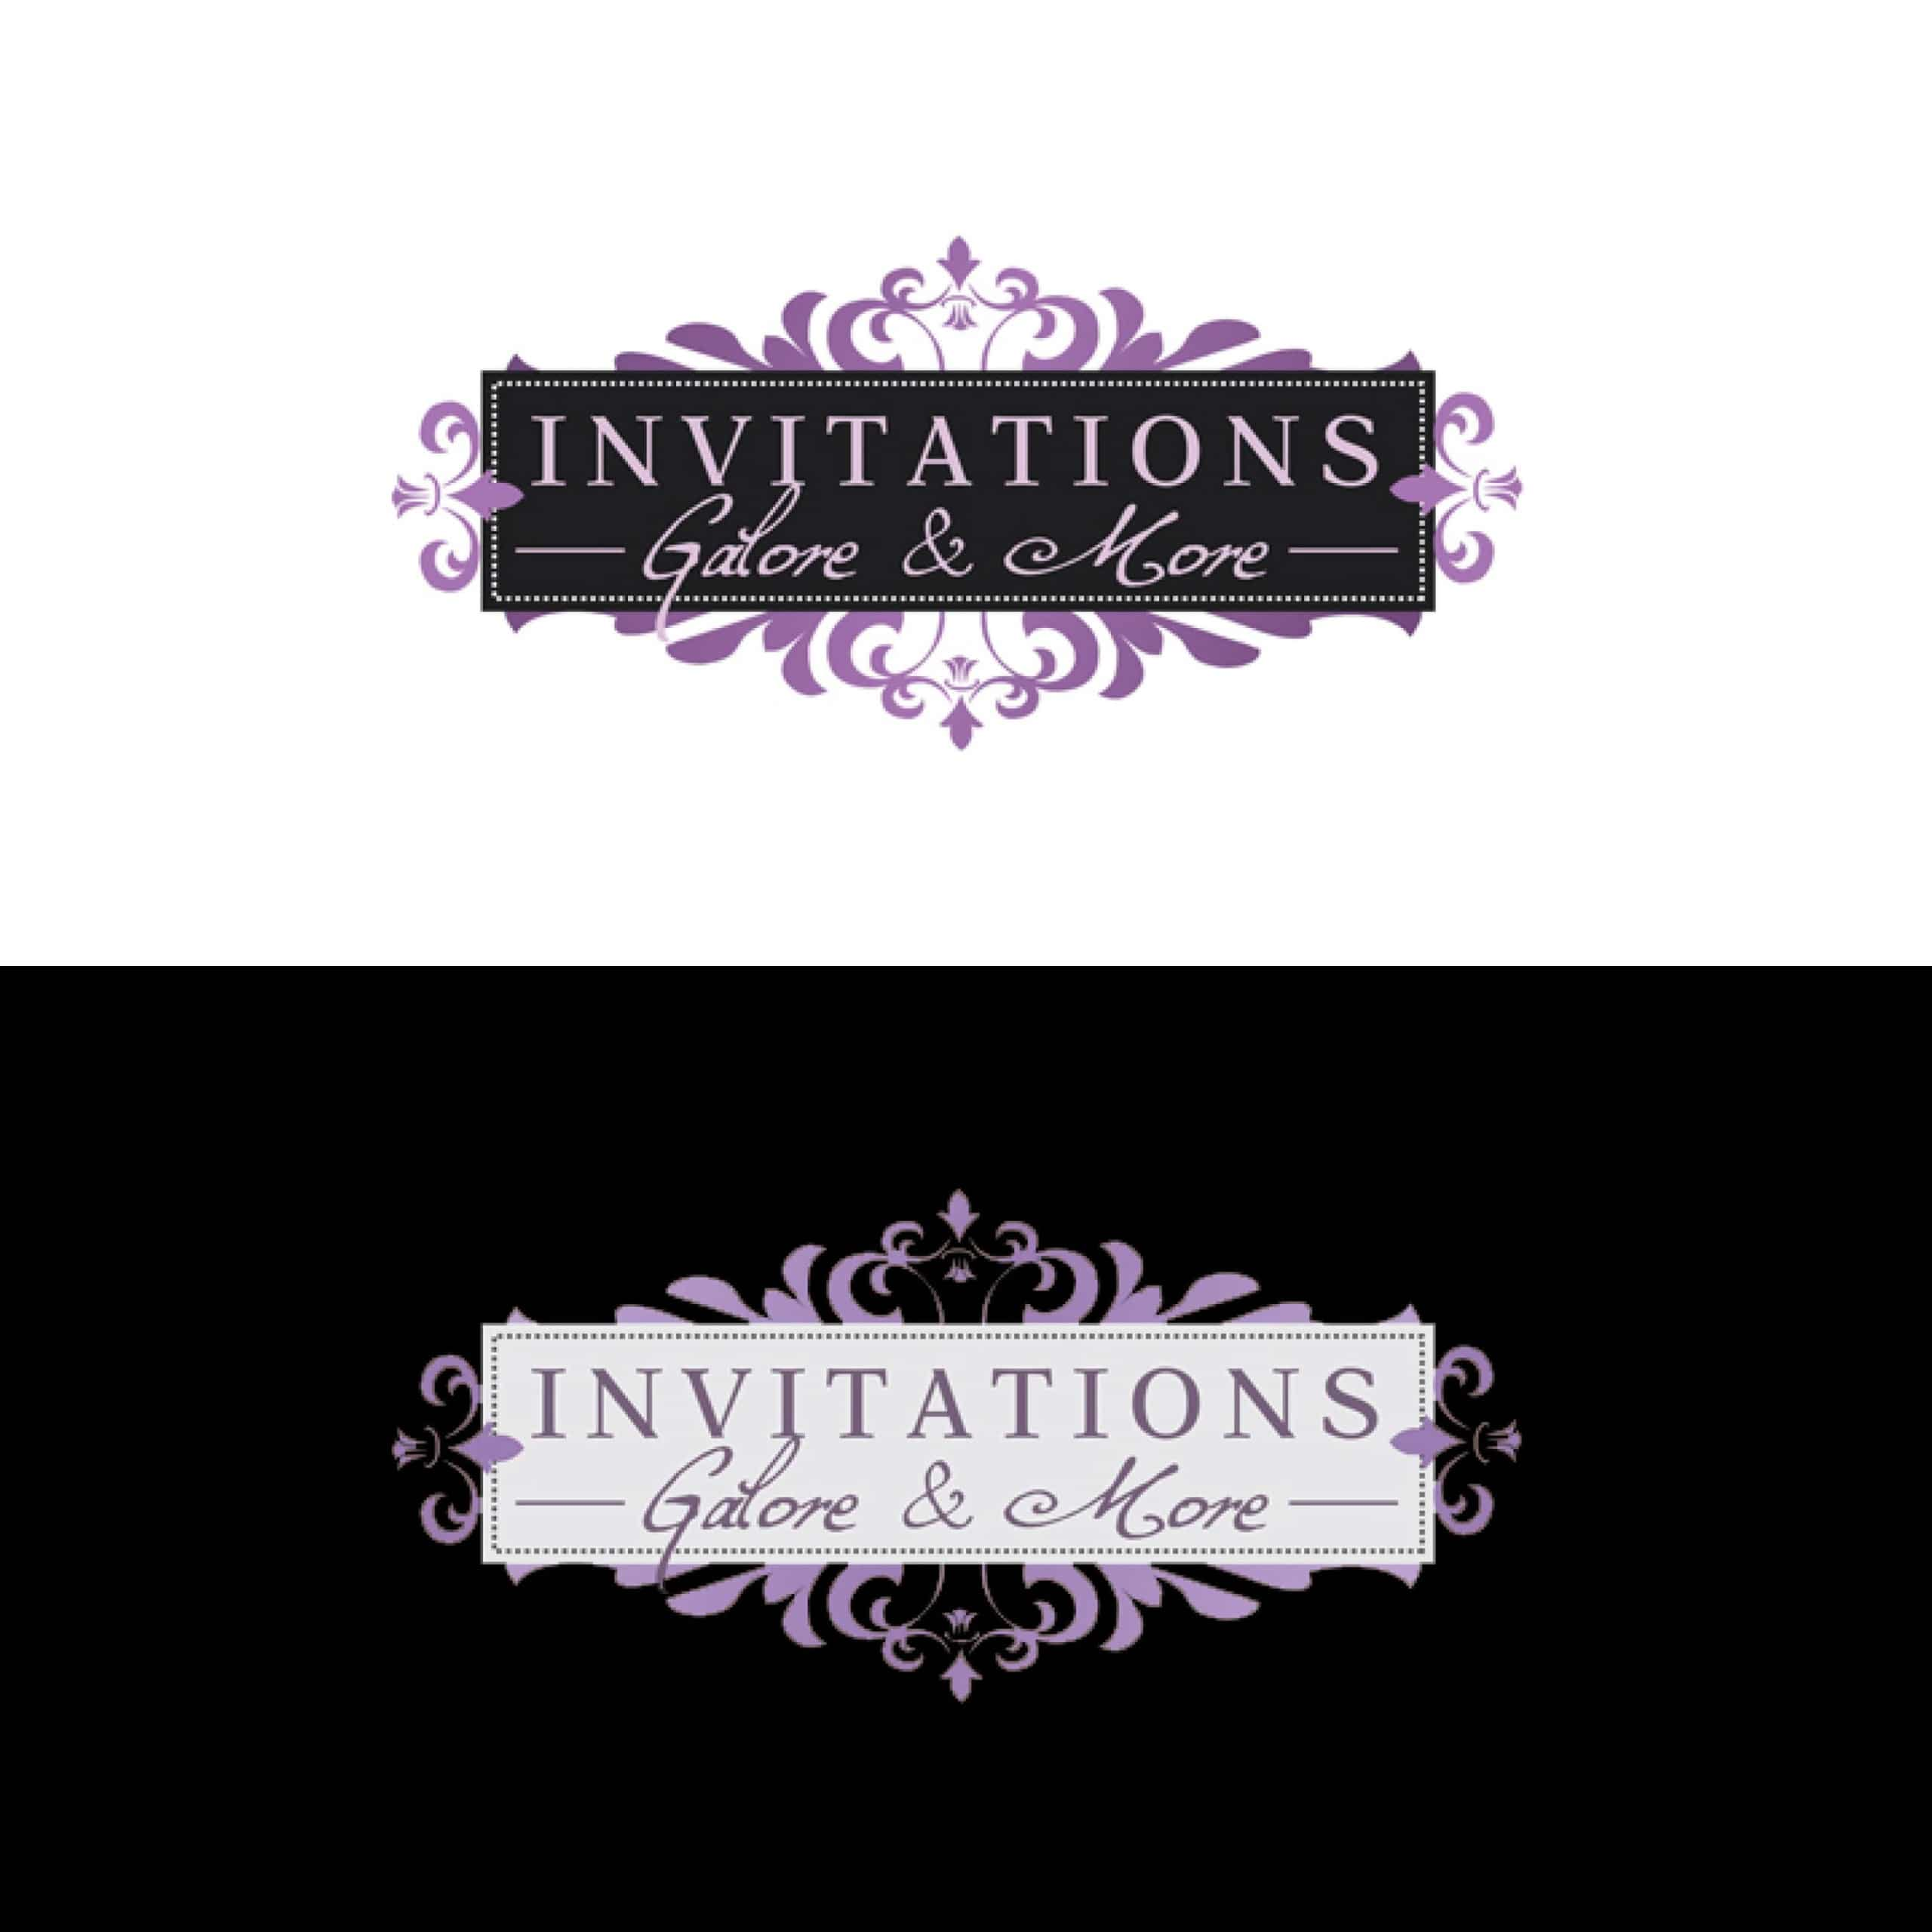 Invitations Galore & More - Logo Design